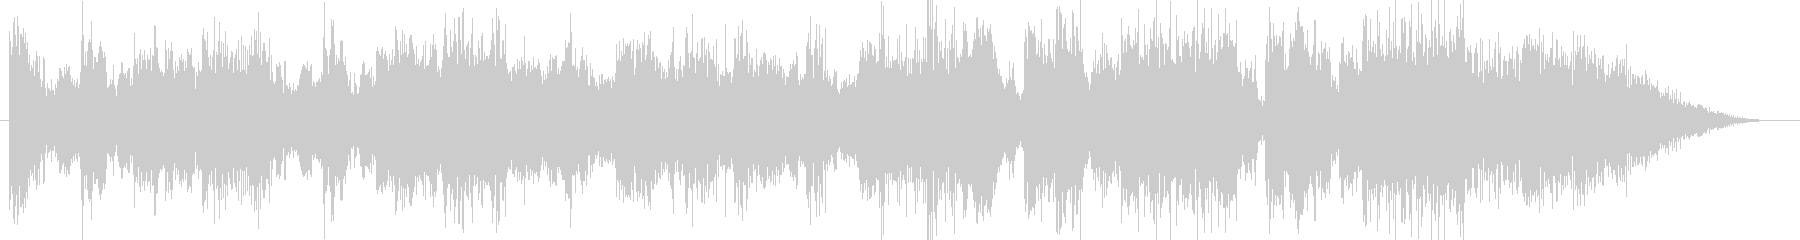 オーケストラ高級CM企業VPオープニングの未再生の波形